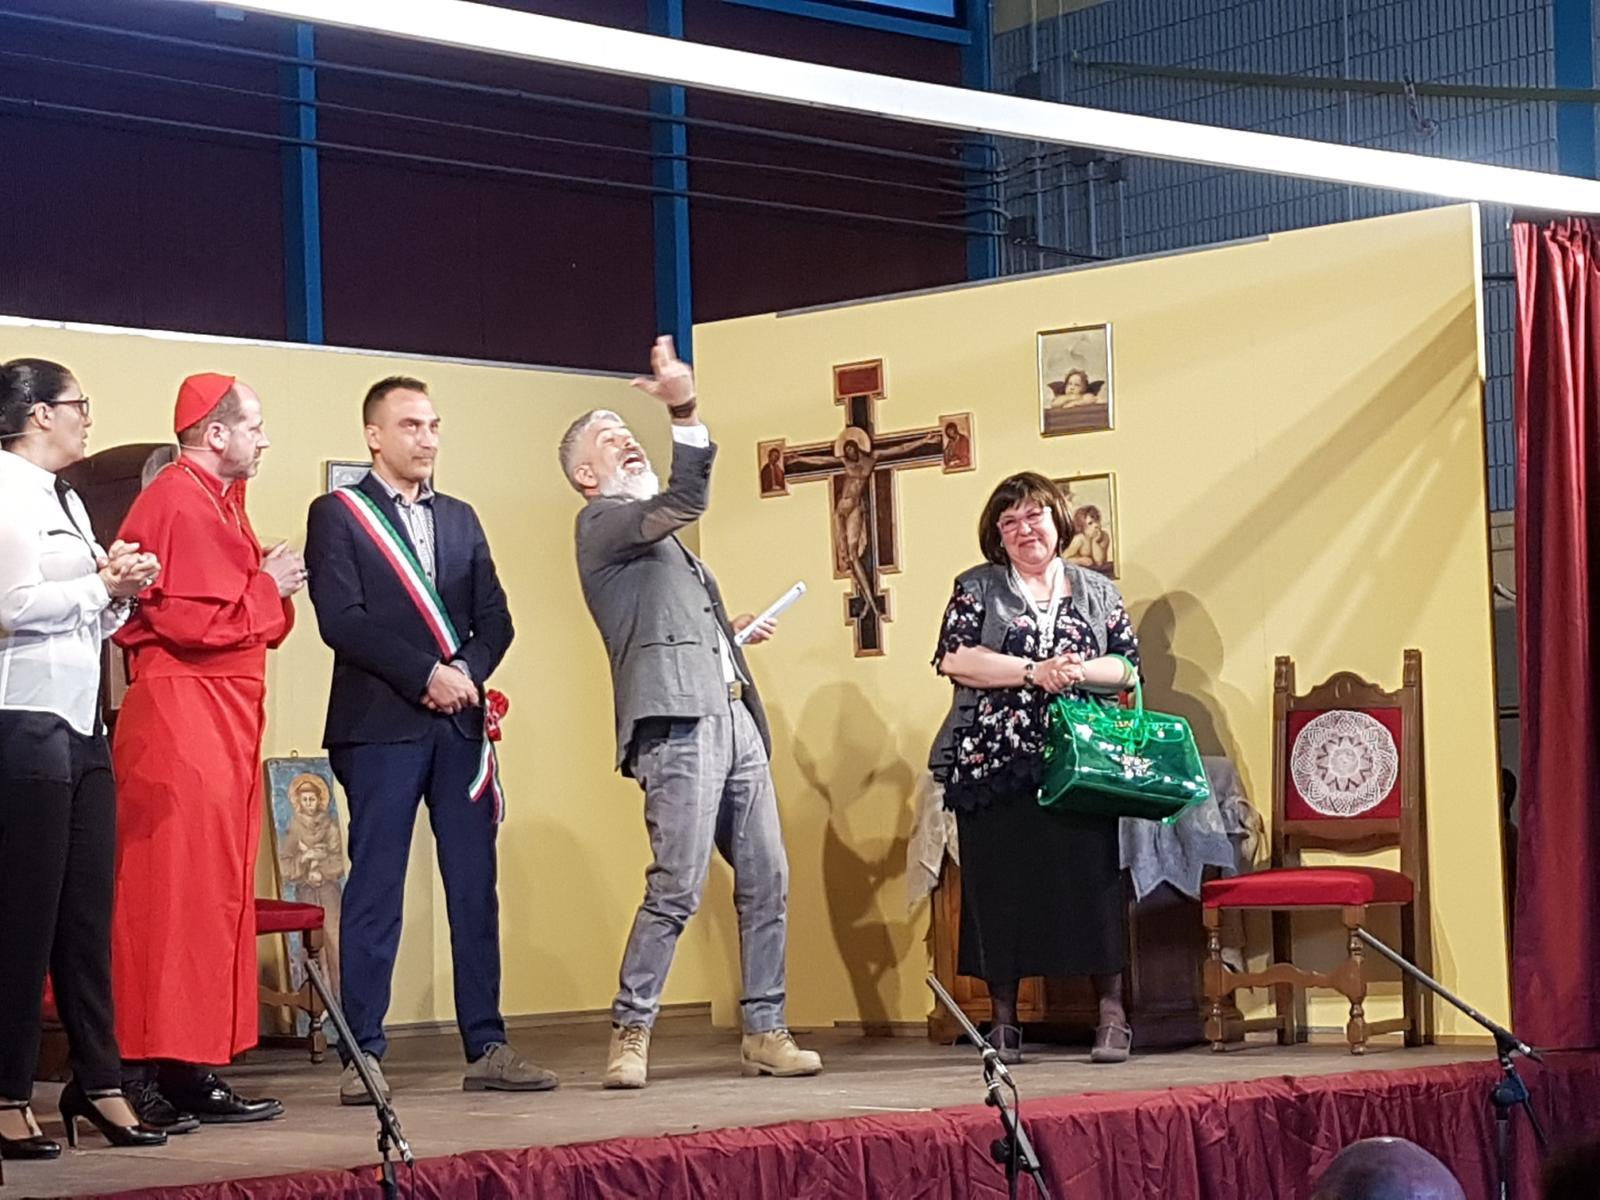 Compagnia Teatrale La Maschera della Polisportiva Case Nuove di Perugia